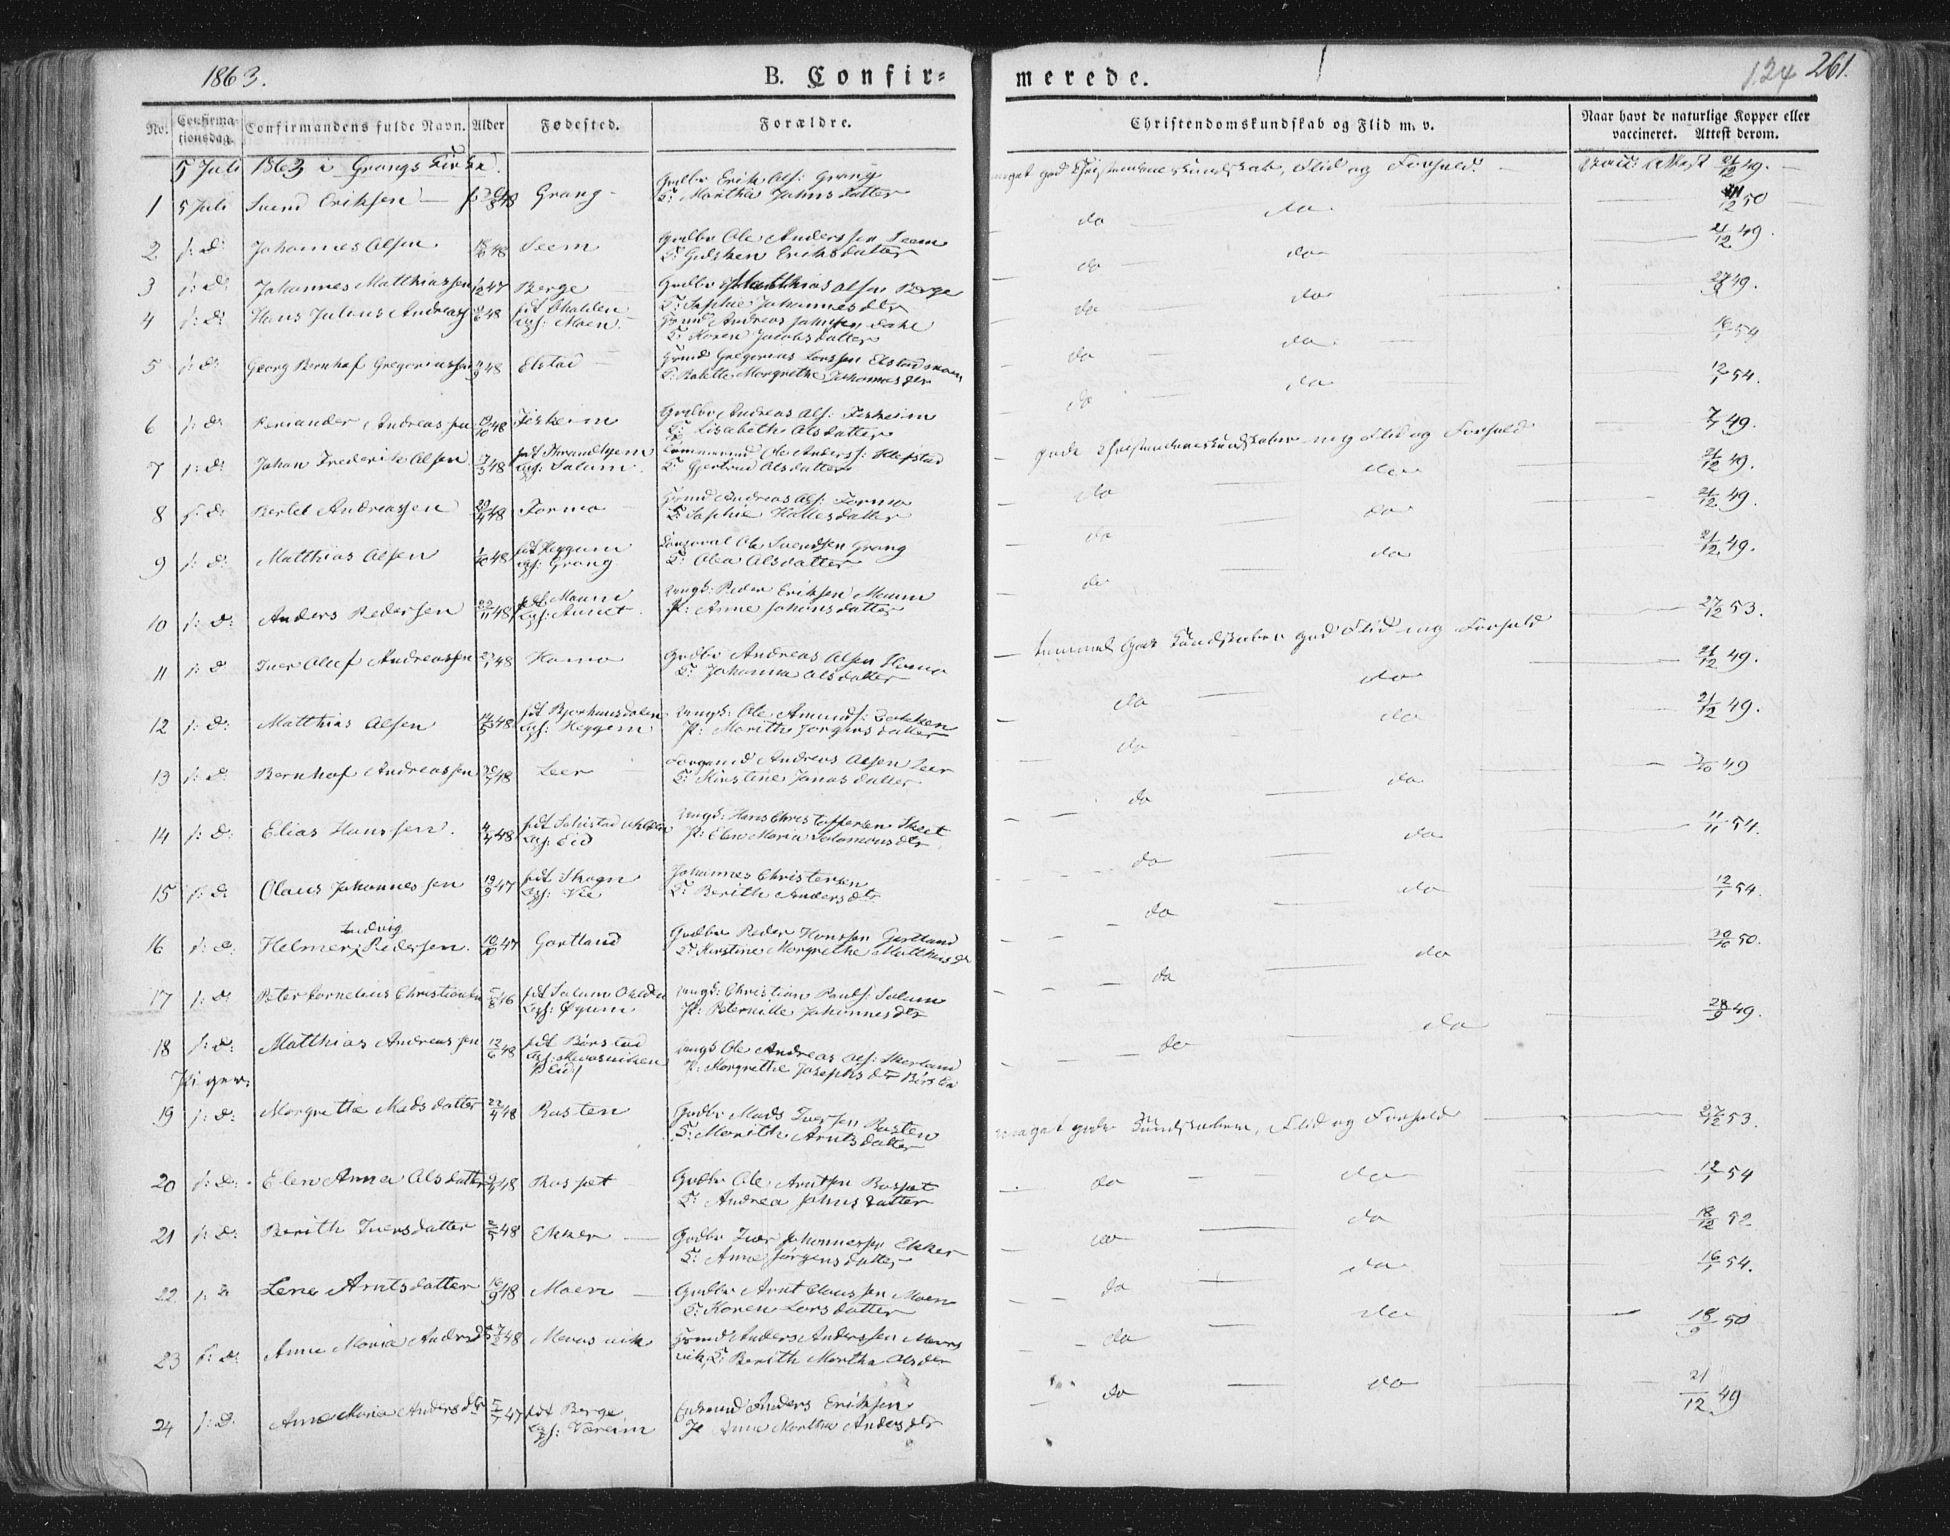 SAT, Ministerialprotokoller, klokkerbøker og fødselsregistre - Nord-Trøndelag, 758/L0513: Ministerialbok nr. 758A02 /1, 1839-1868, s. 124